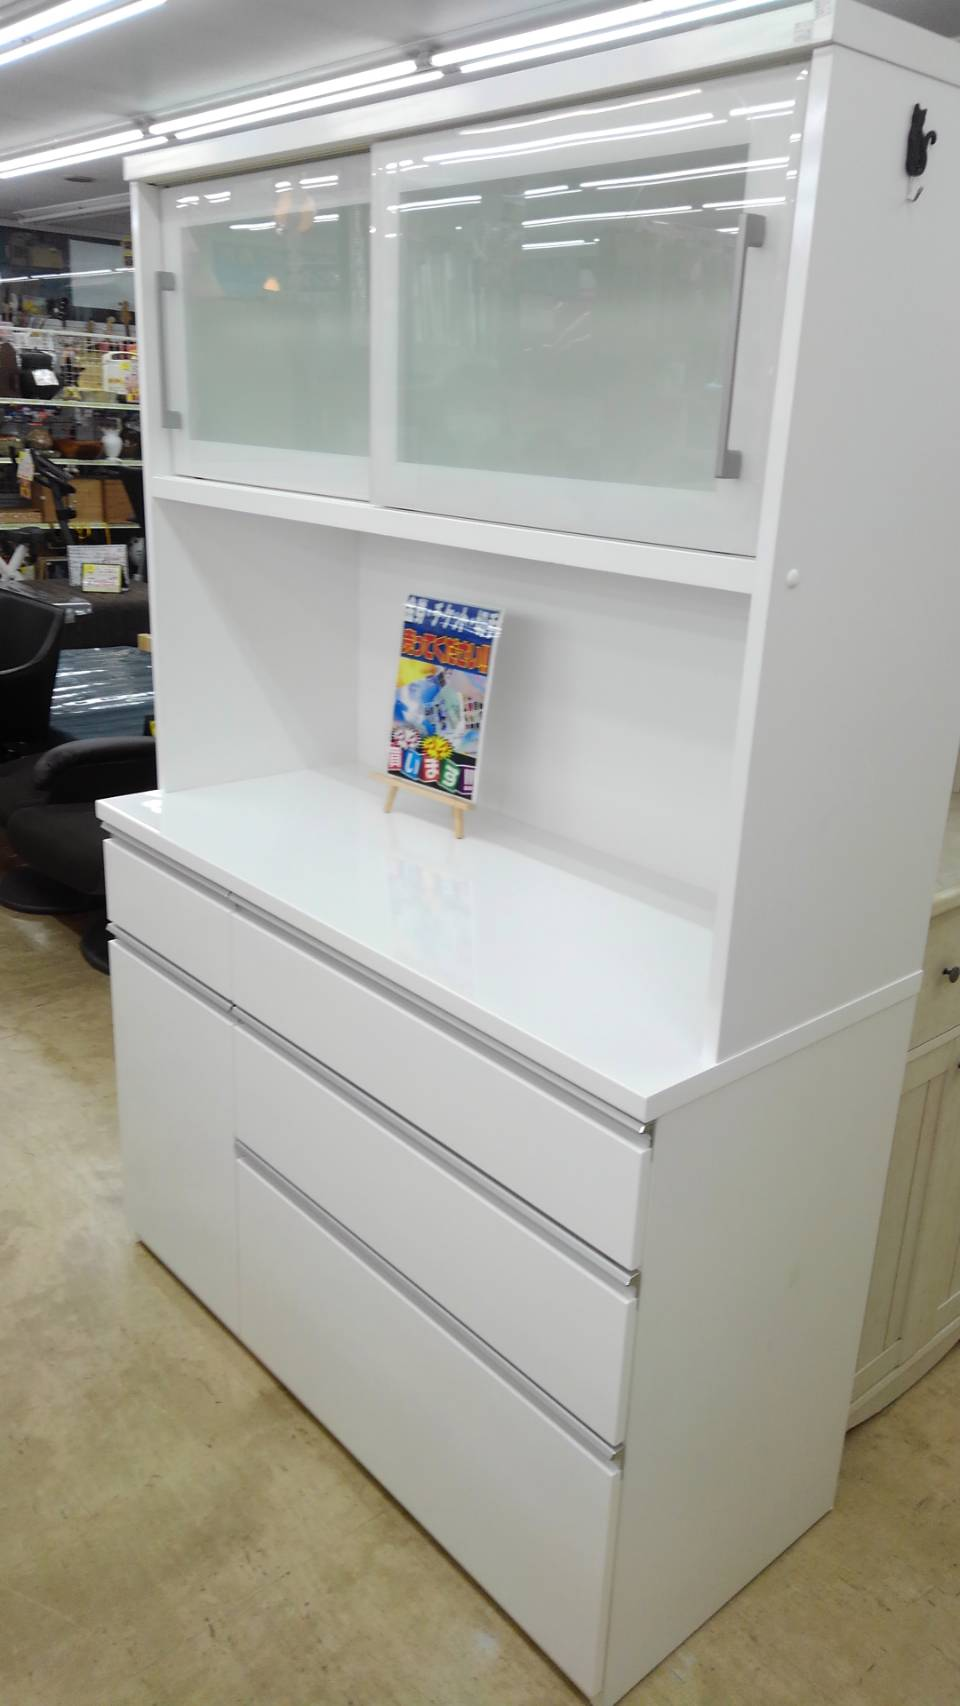 【レンジボード 2面レンジボード キッチン家具 収納家具 食器棚 NITORI ニトリ 白】買い取り致しました!の買取-